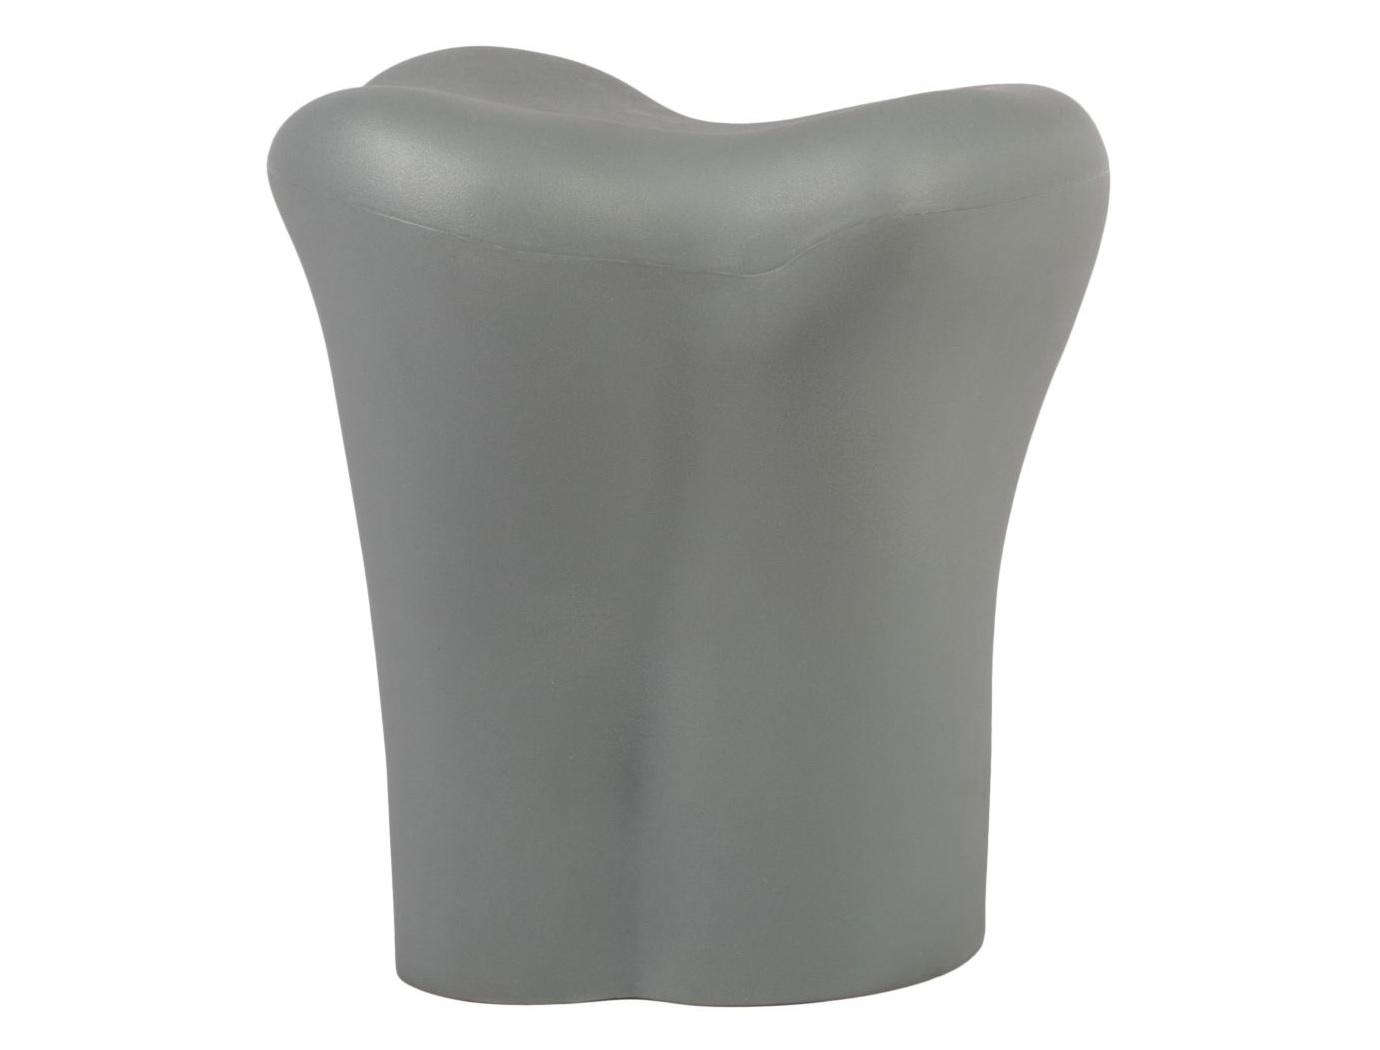 Табурет The ToothДетские табуреты<br>Табурет в форме гигантского серебряного зуба – не только забавная вещь, которая вызовет восторг у ребенка любого возраста, но и креативное решение вопроса посадочных мест в детской. Небанальный дизайн и прочная конструкция The Tooth позволит с комфортом провести время в комнате малыша не только его друзьям, но и изрядно упитанным взрослым.<br><br>Material: Пластик<br>Ширина см: 35<br>Высота см: 44<br>Глубина см: 35